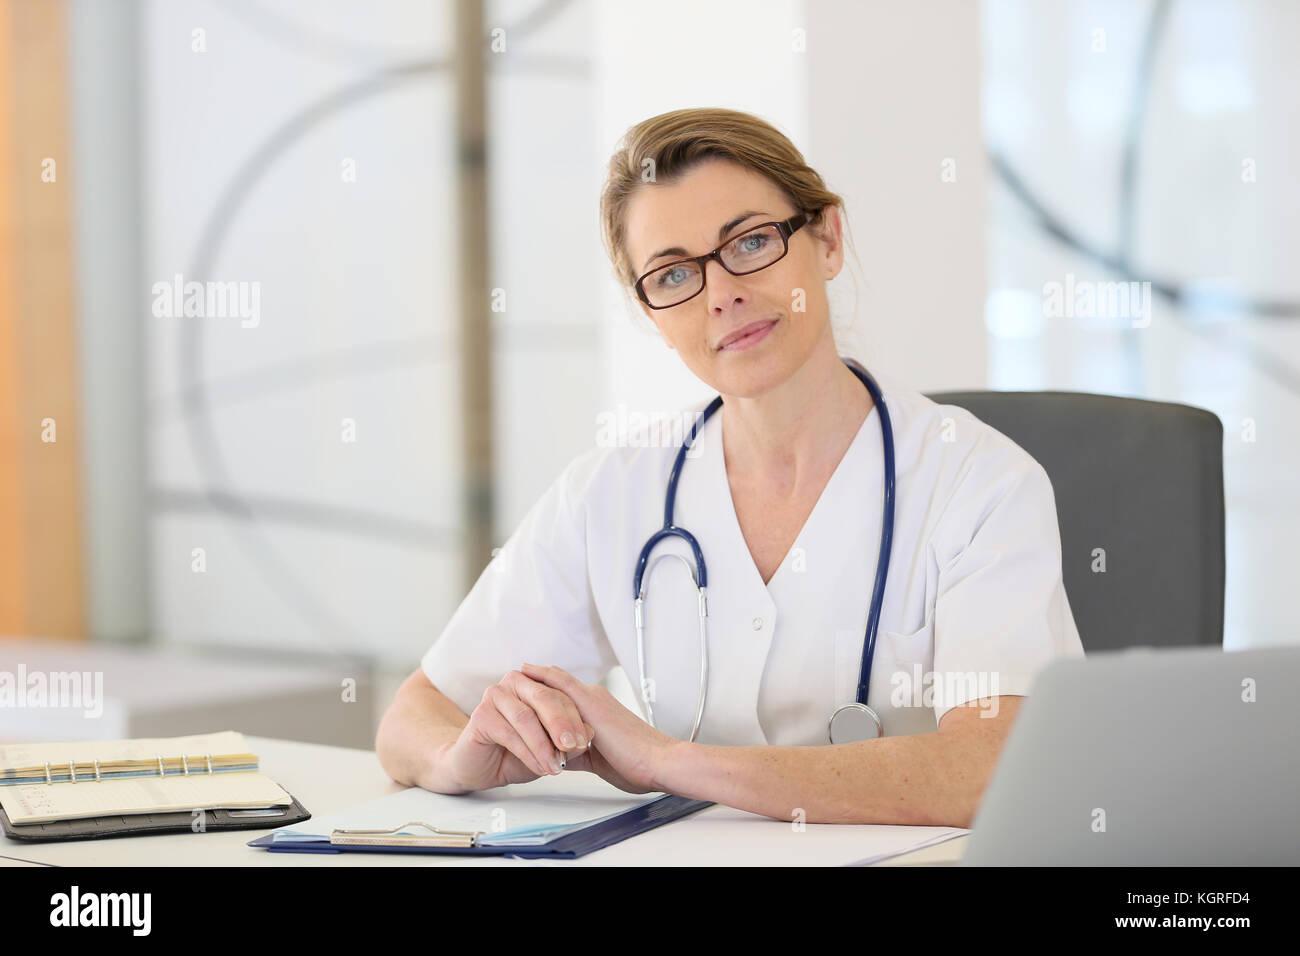 Retrato de enfermera madura sentados frente al escritorio en la oficina Imagen De Stock